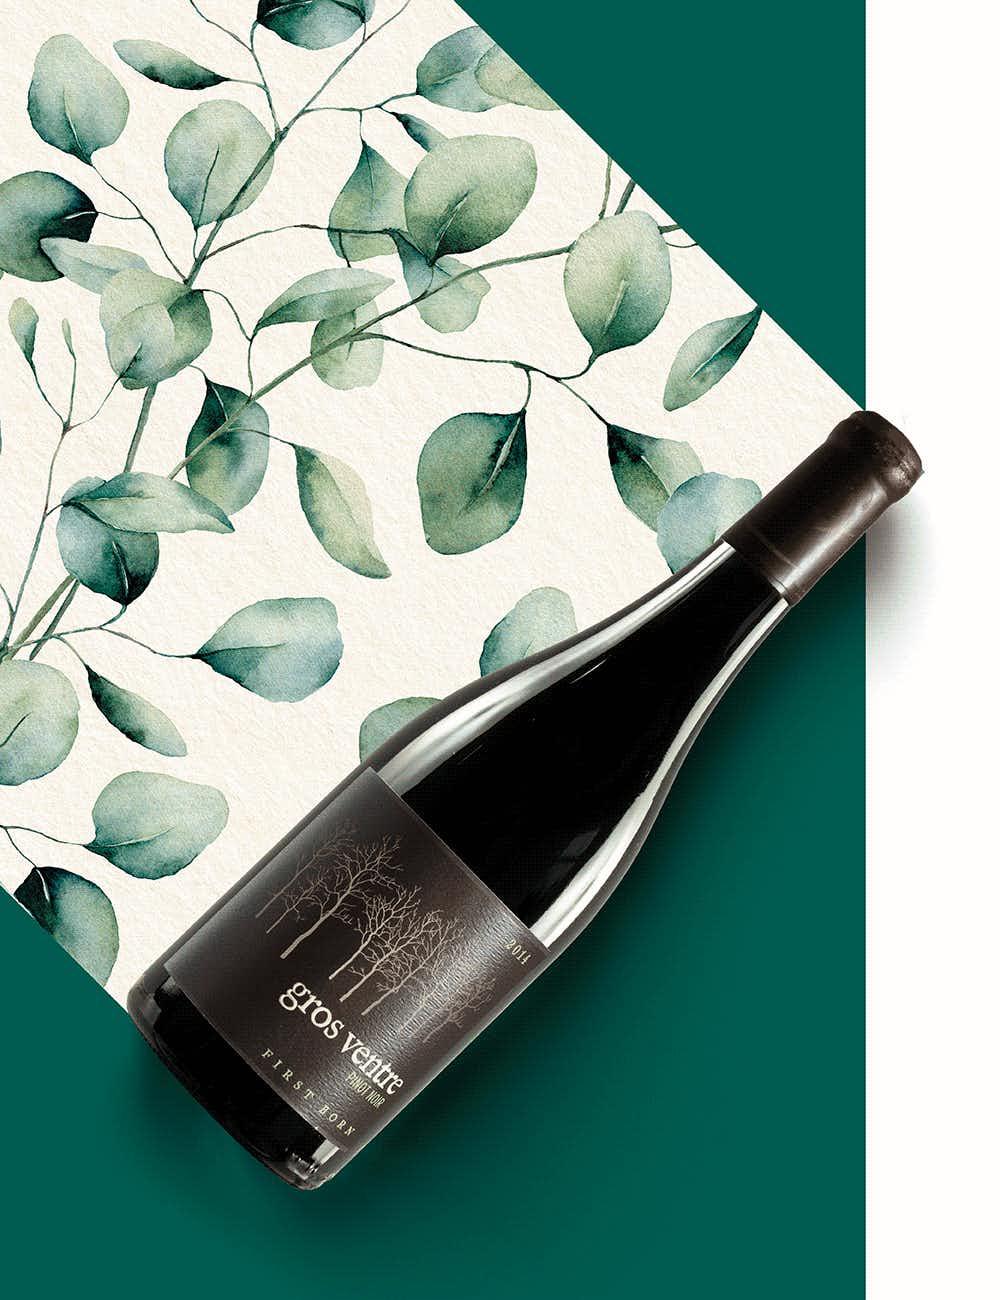 Gros Ventre First Born Pinot Noir 2014